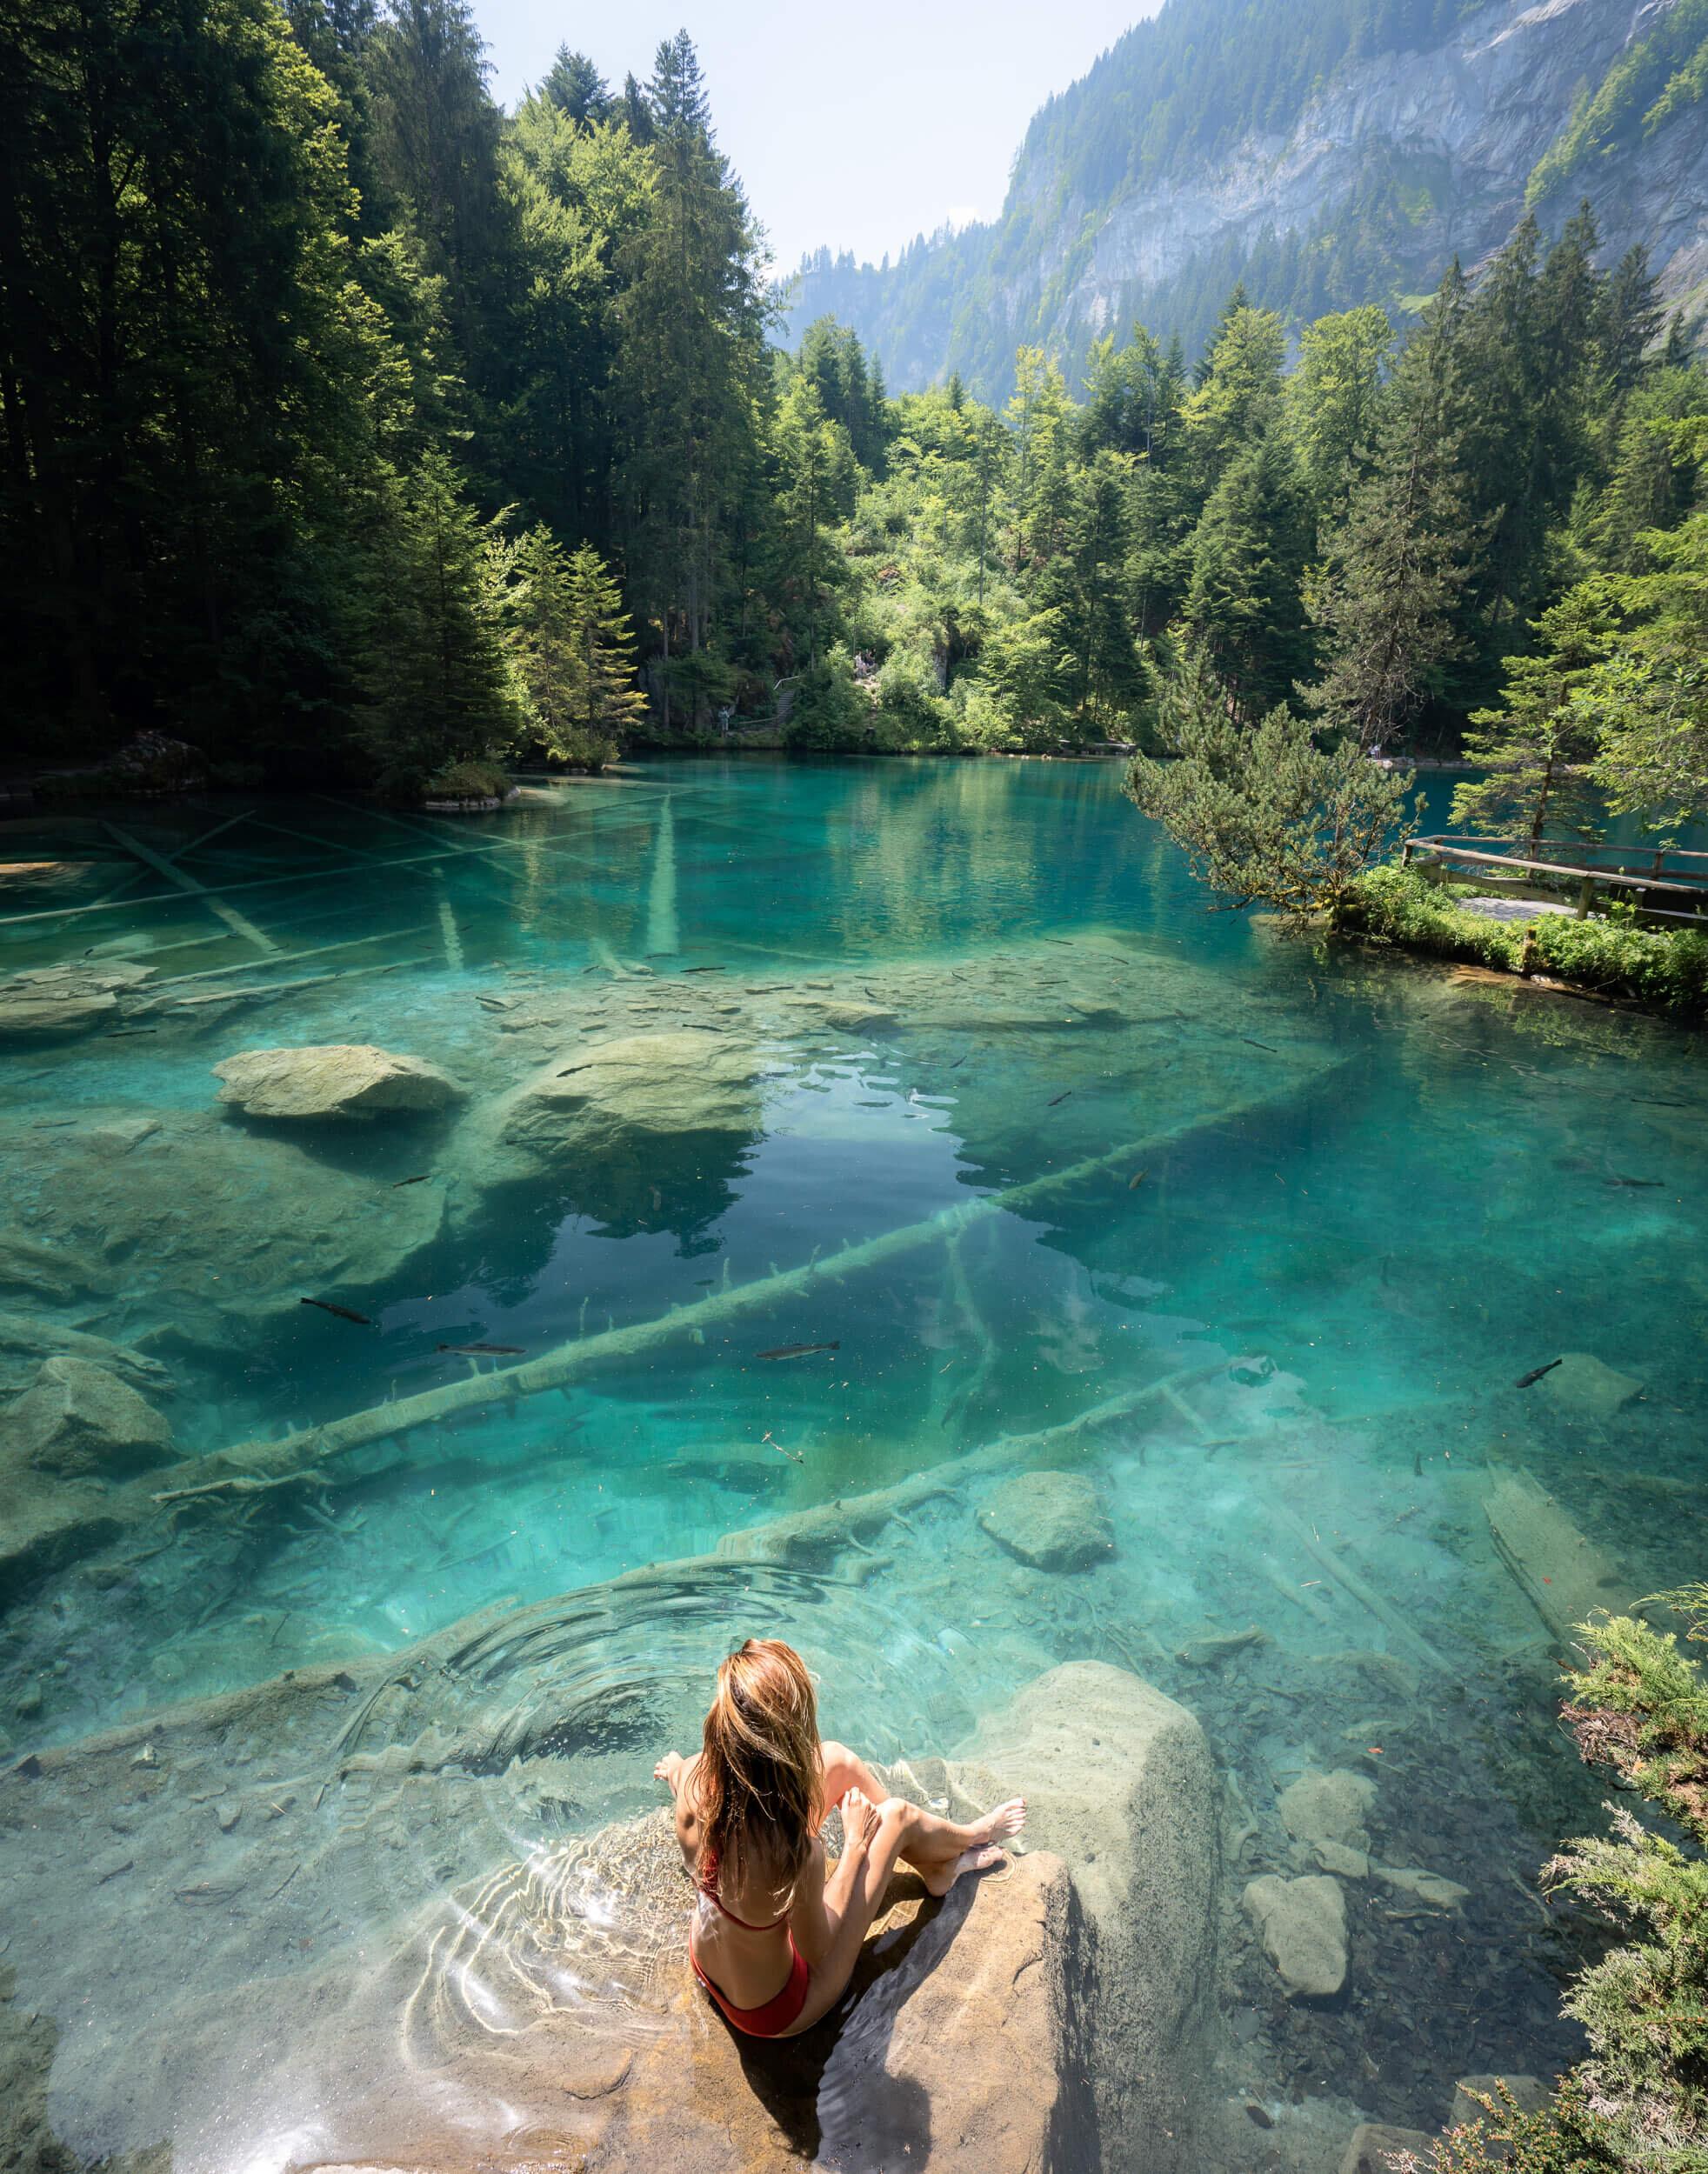 Blausee in Switzerland's Kander Valley.